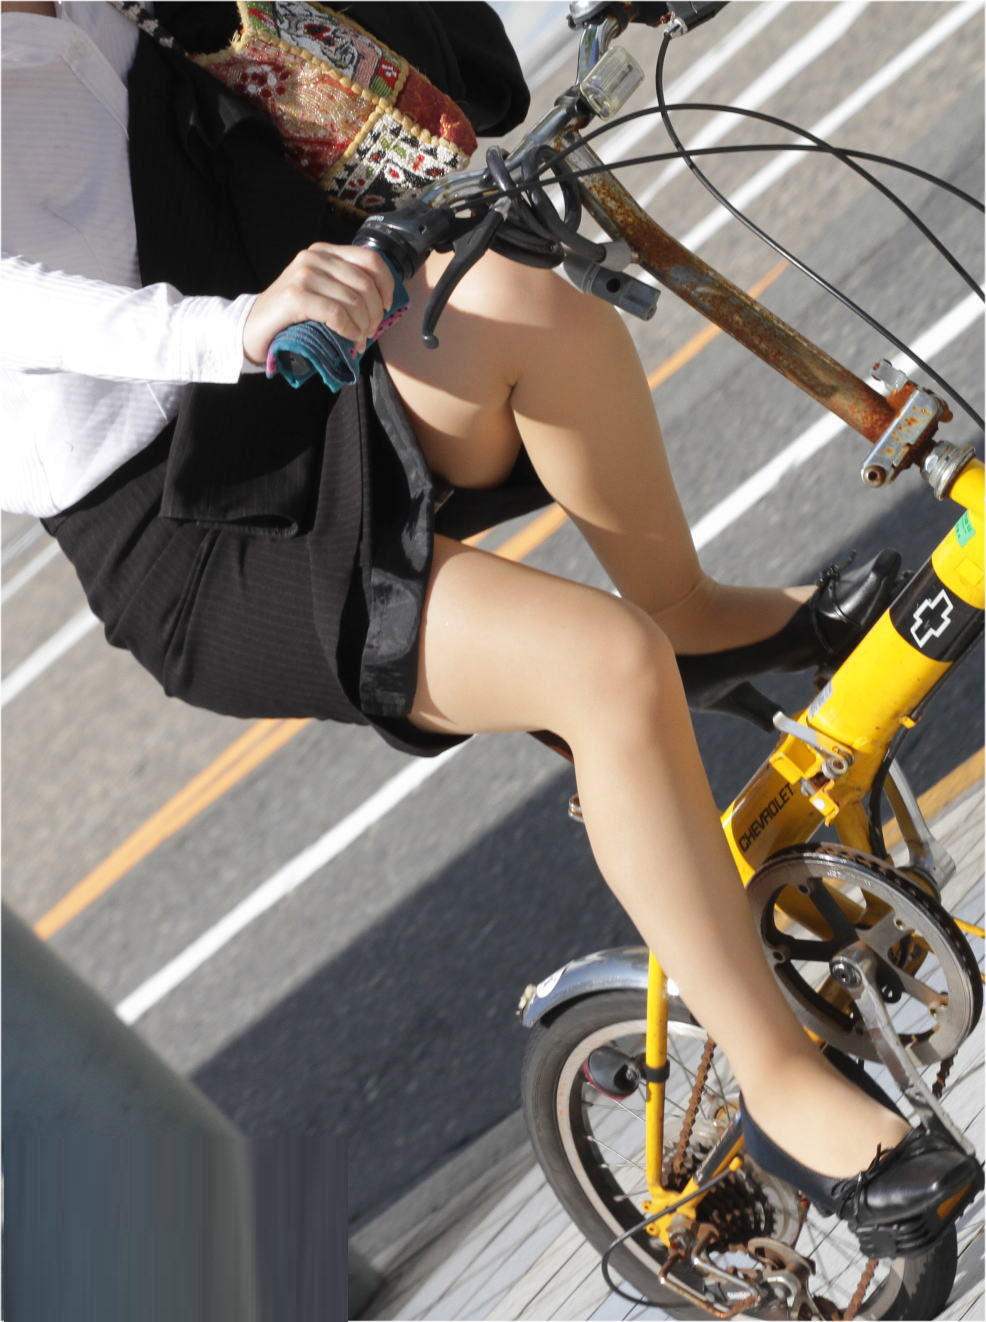 タイトスカートのお尻にパンスト足パンチラの自転車OL8枚目